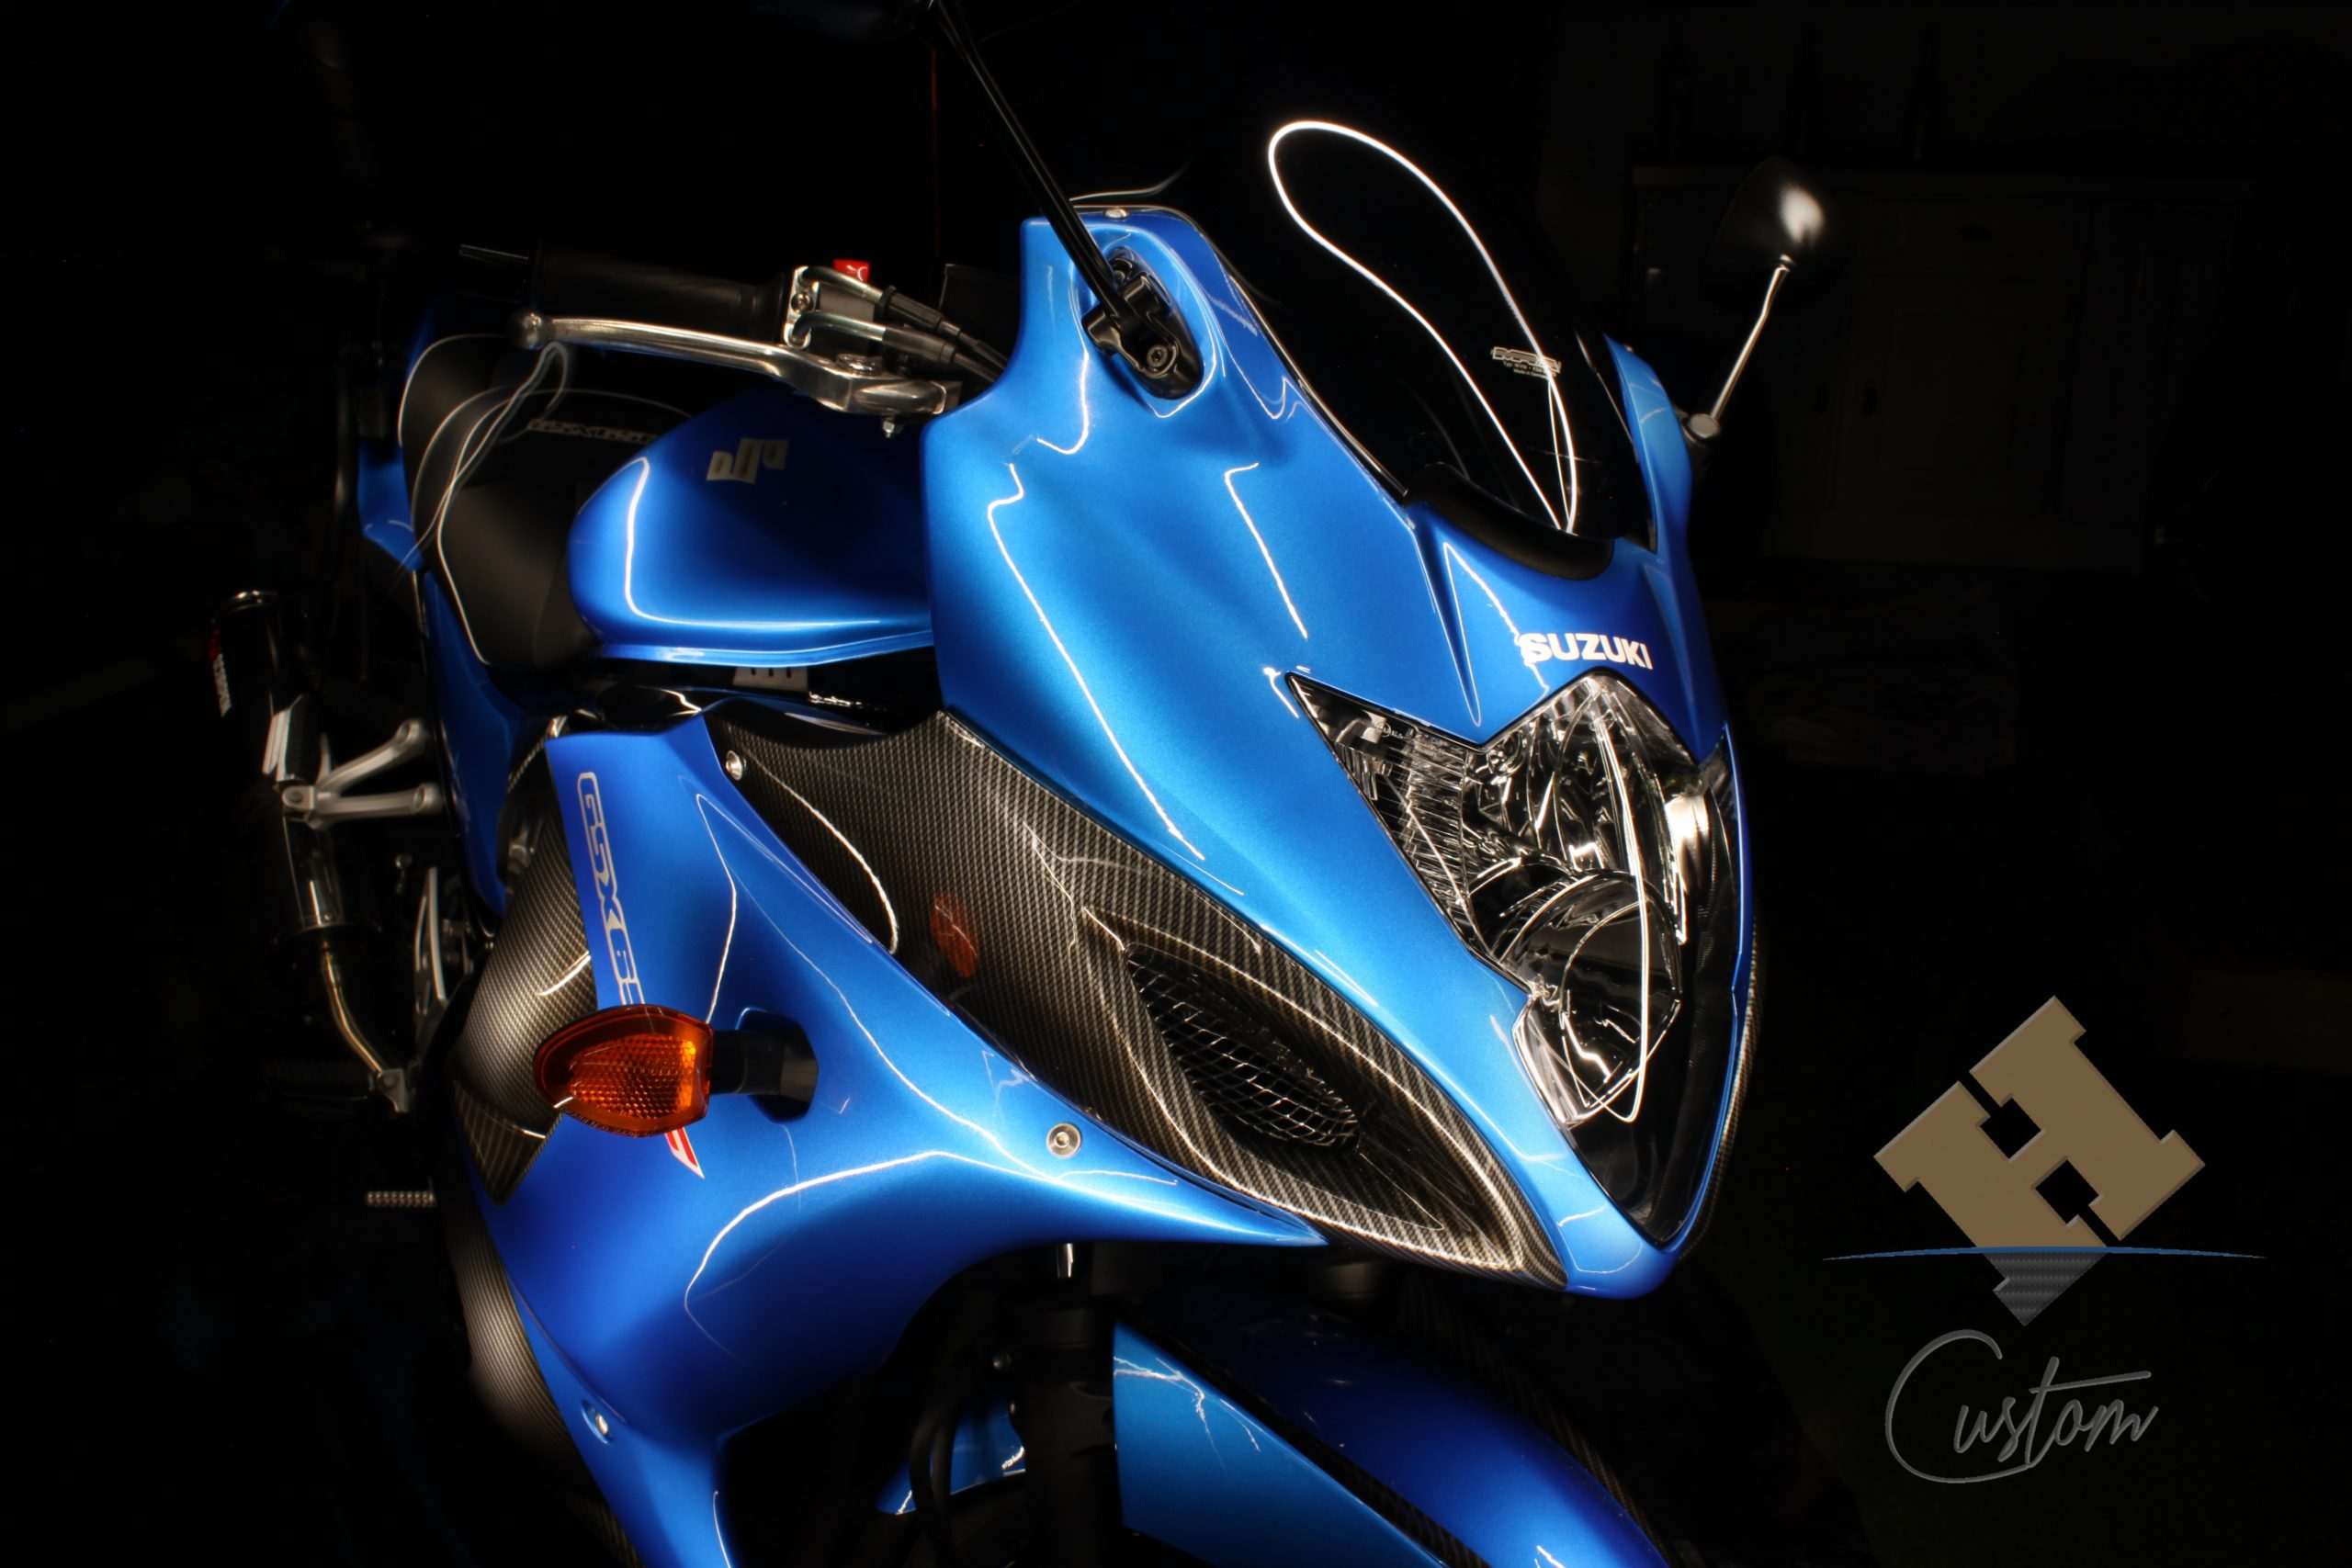 GSX650F bleu & carbone argent